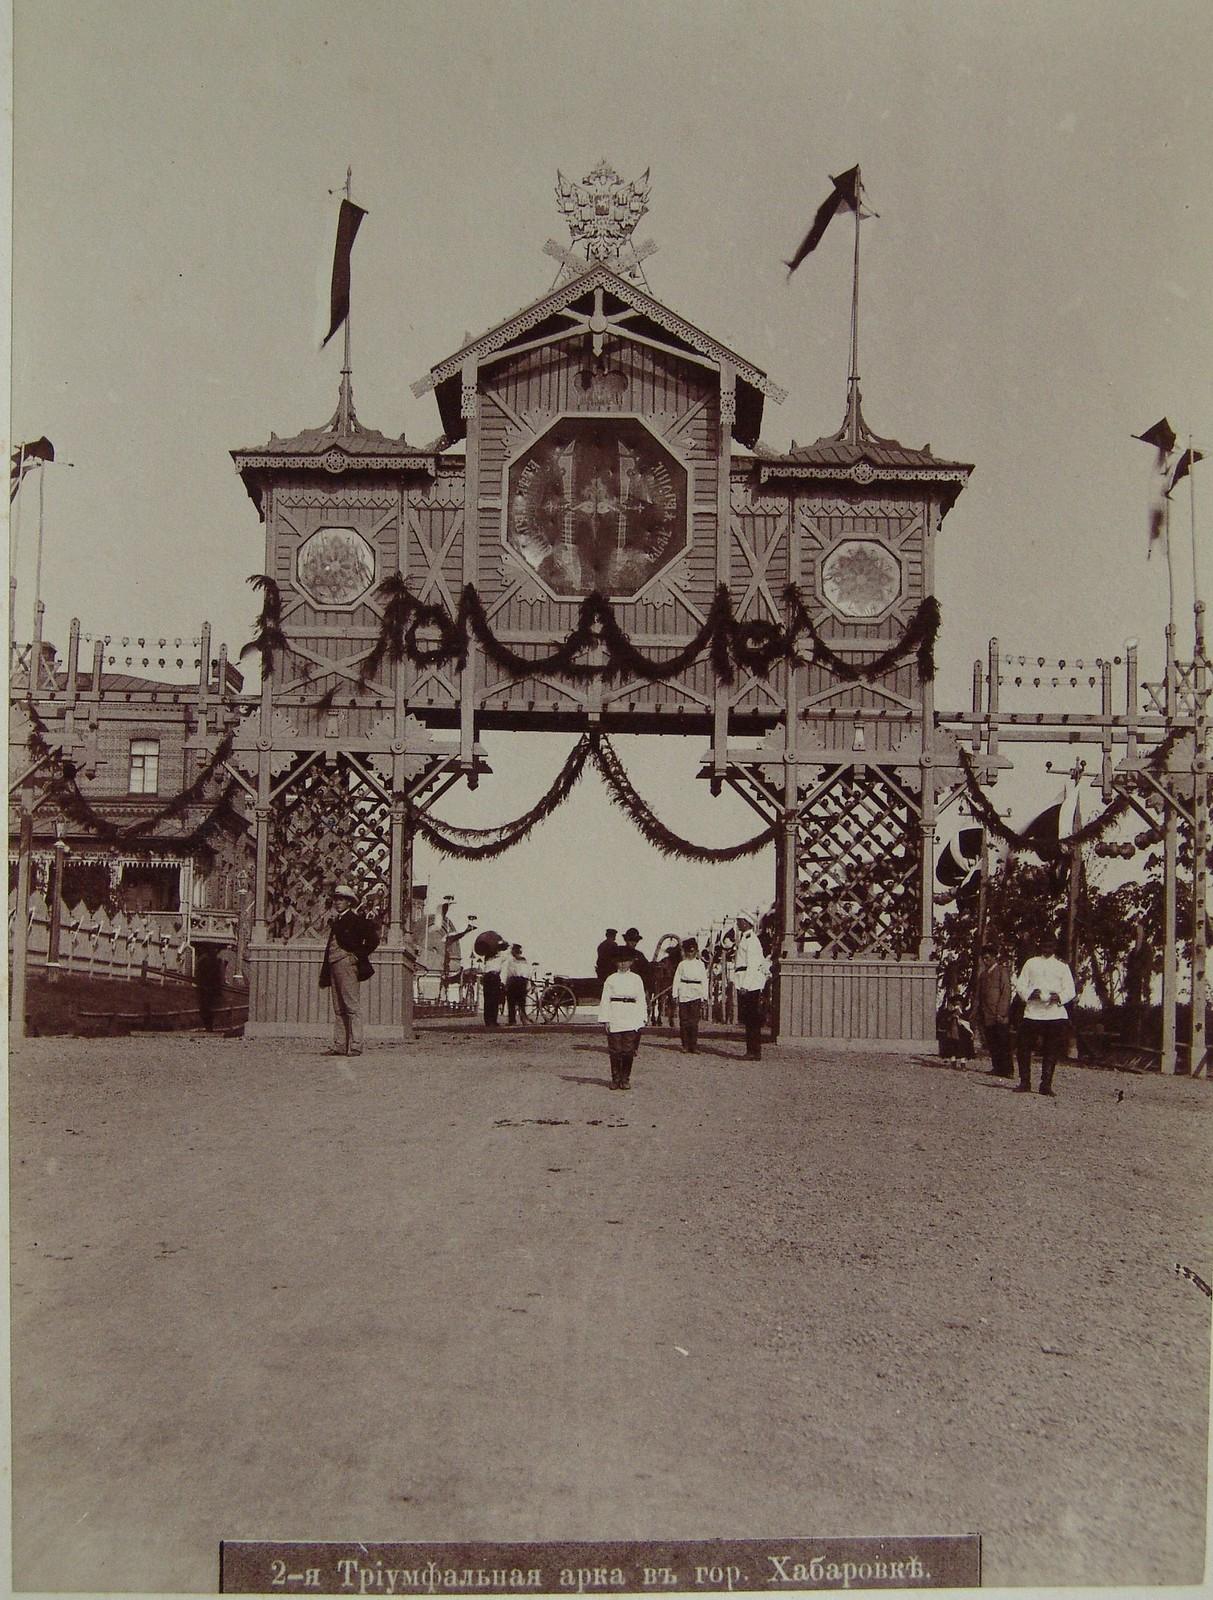 07. 1891. Хабаровка. 2-ая триумфальная арка